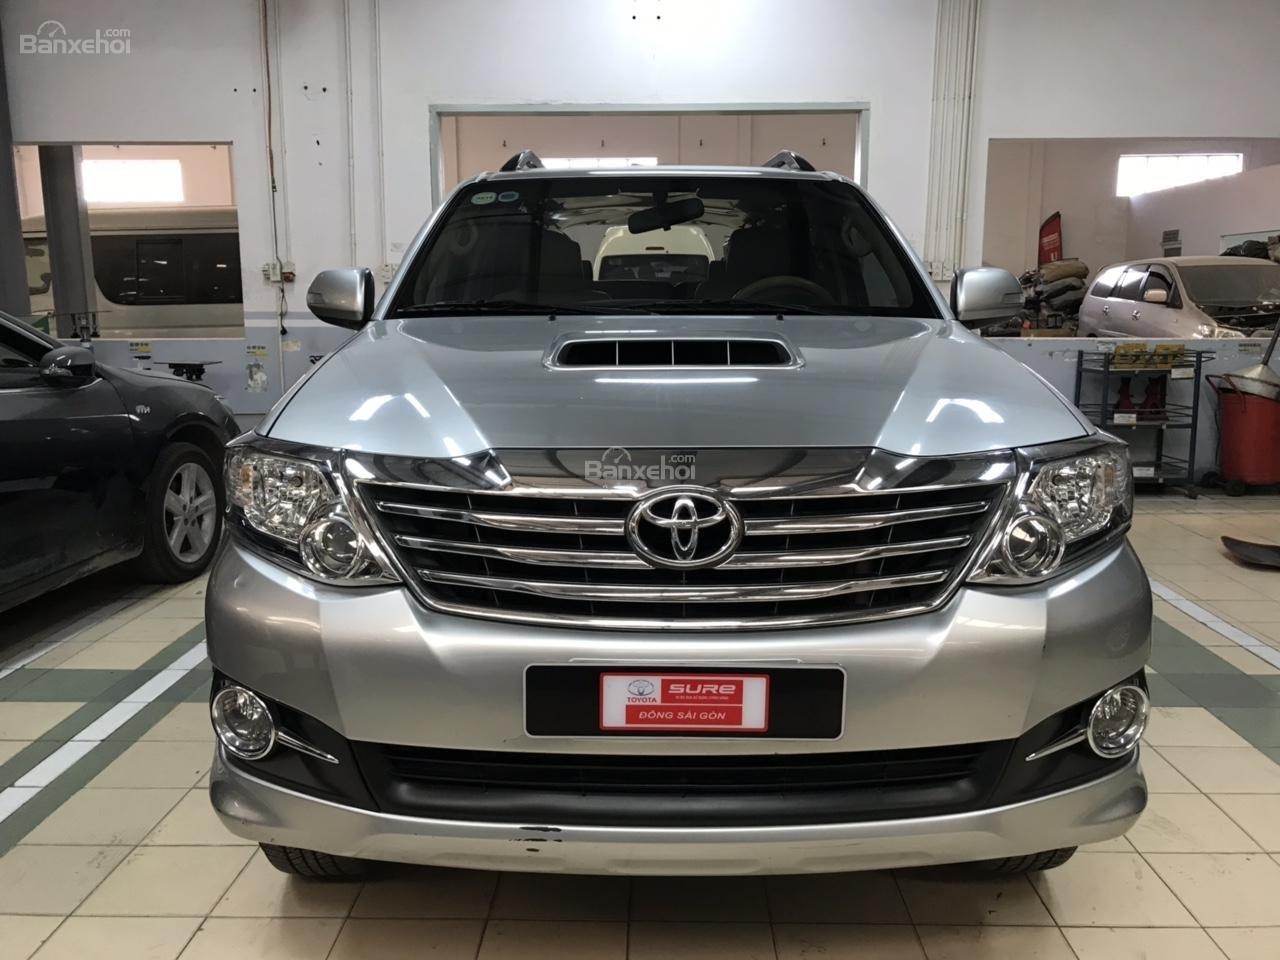 Bán xe Toyota Fortuner 2.5G năm 2015, màu bạc, xe số sàn, chất xe đã được kiểm định giá thương lượng khi xem mua xe-0